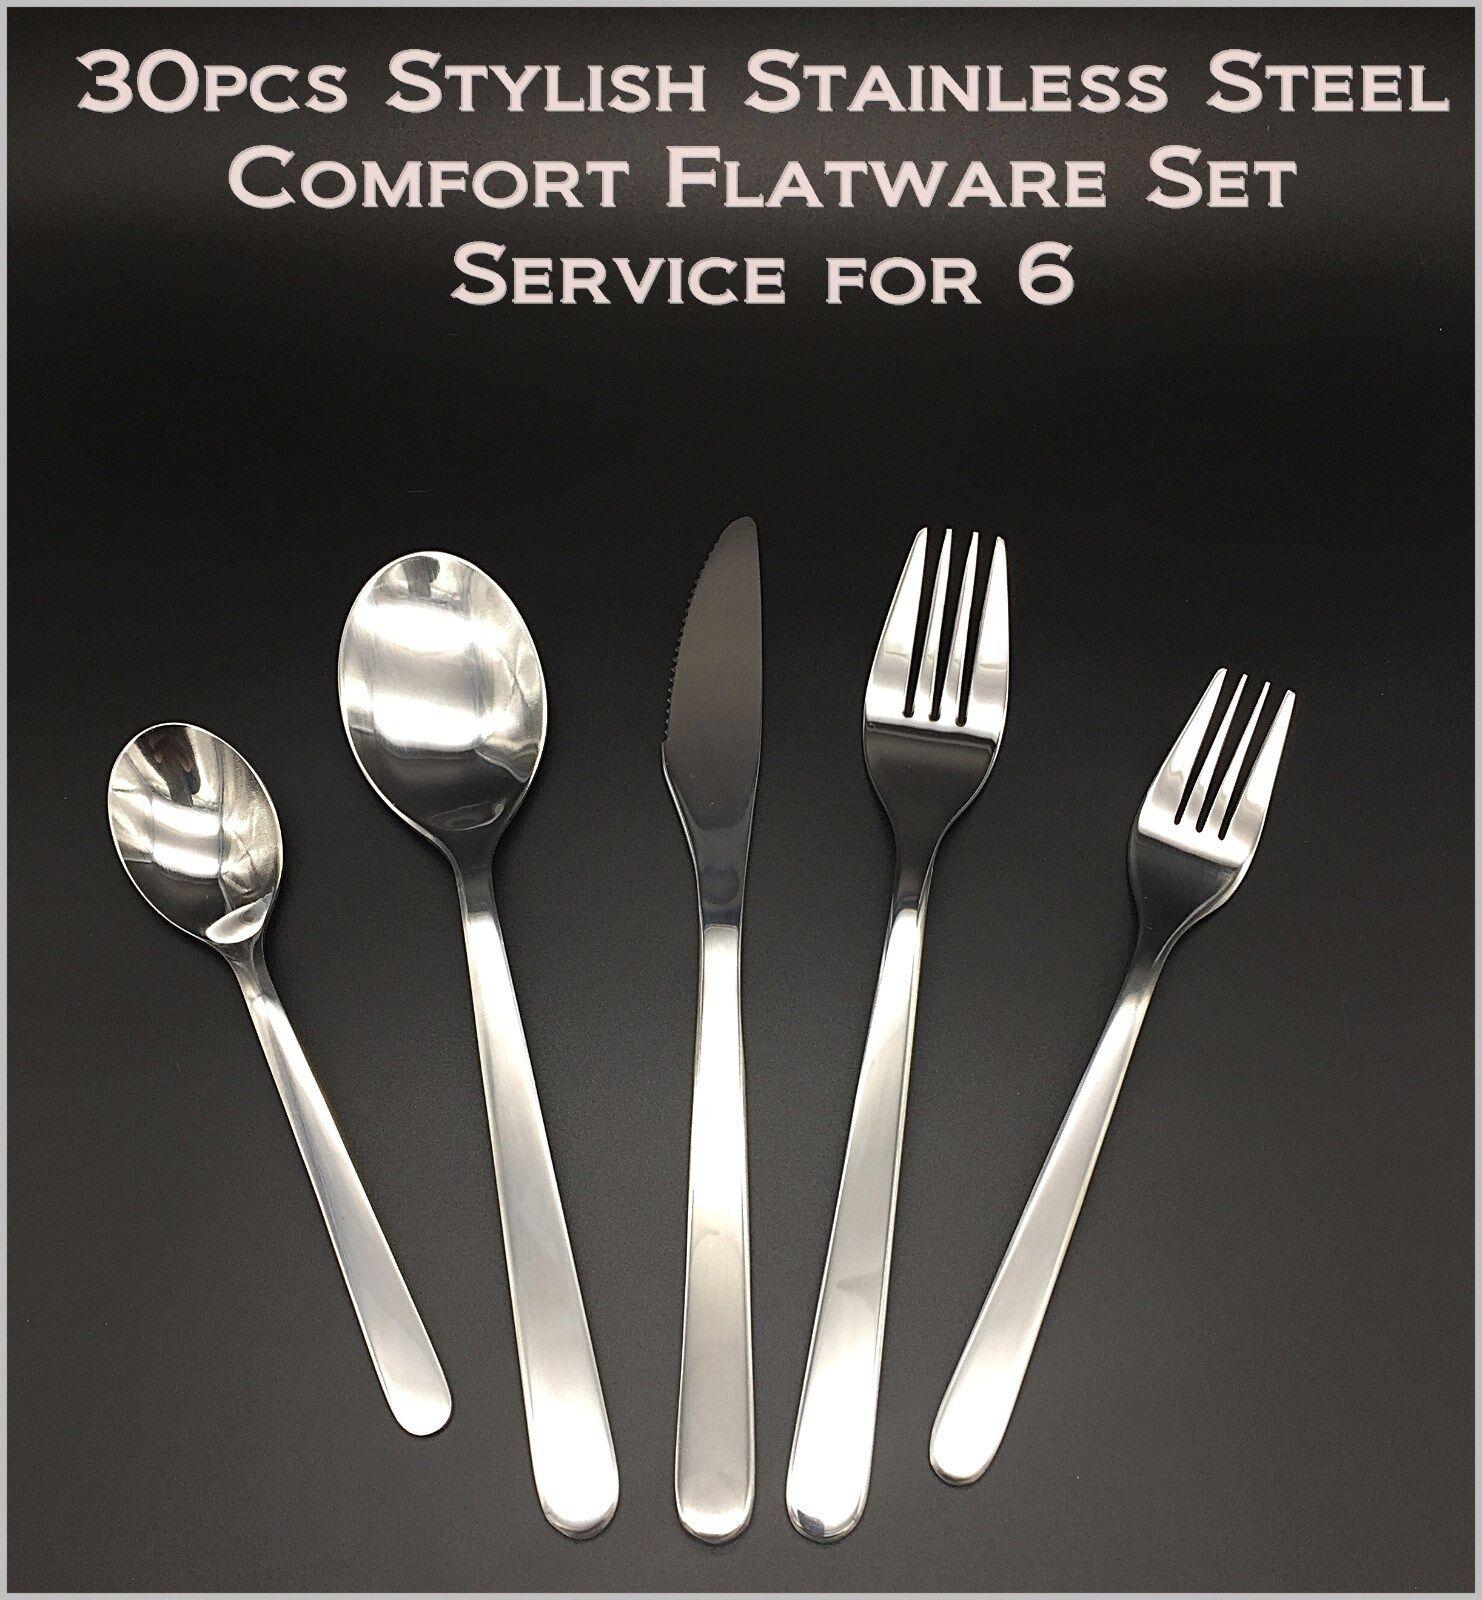 30 Pièces Neuf Moderne, Stylé & Classique Acier Inoxydable Flatware Set pour 6